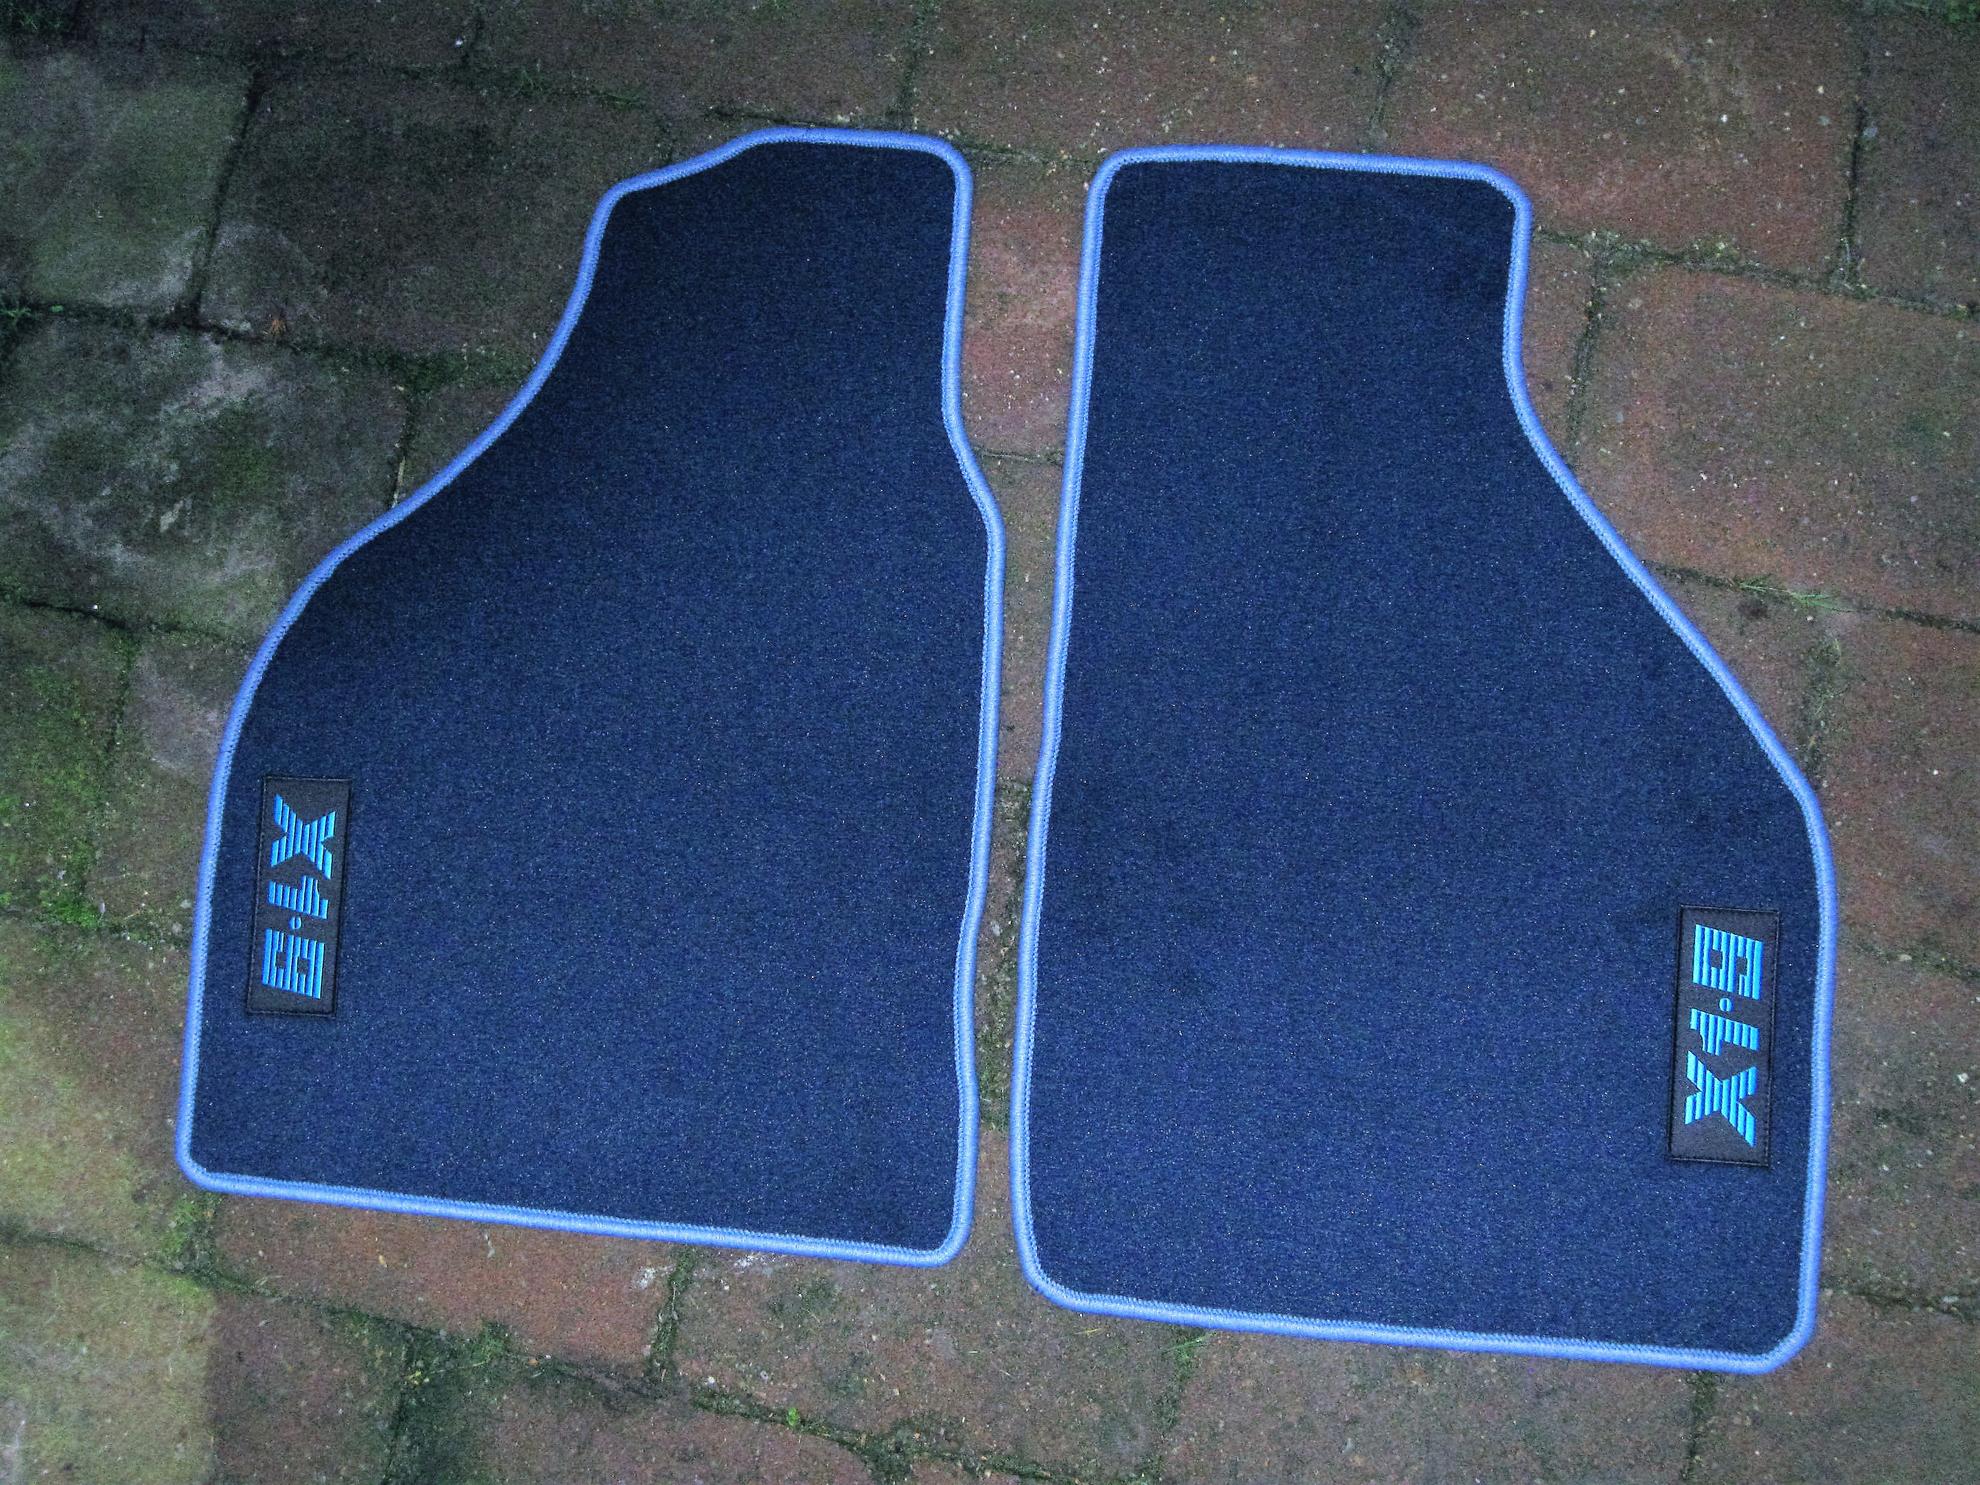 Afbeeldingen van set matten, blauw